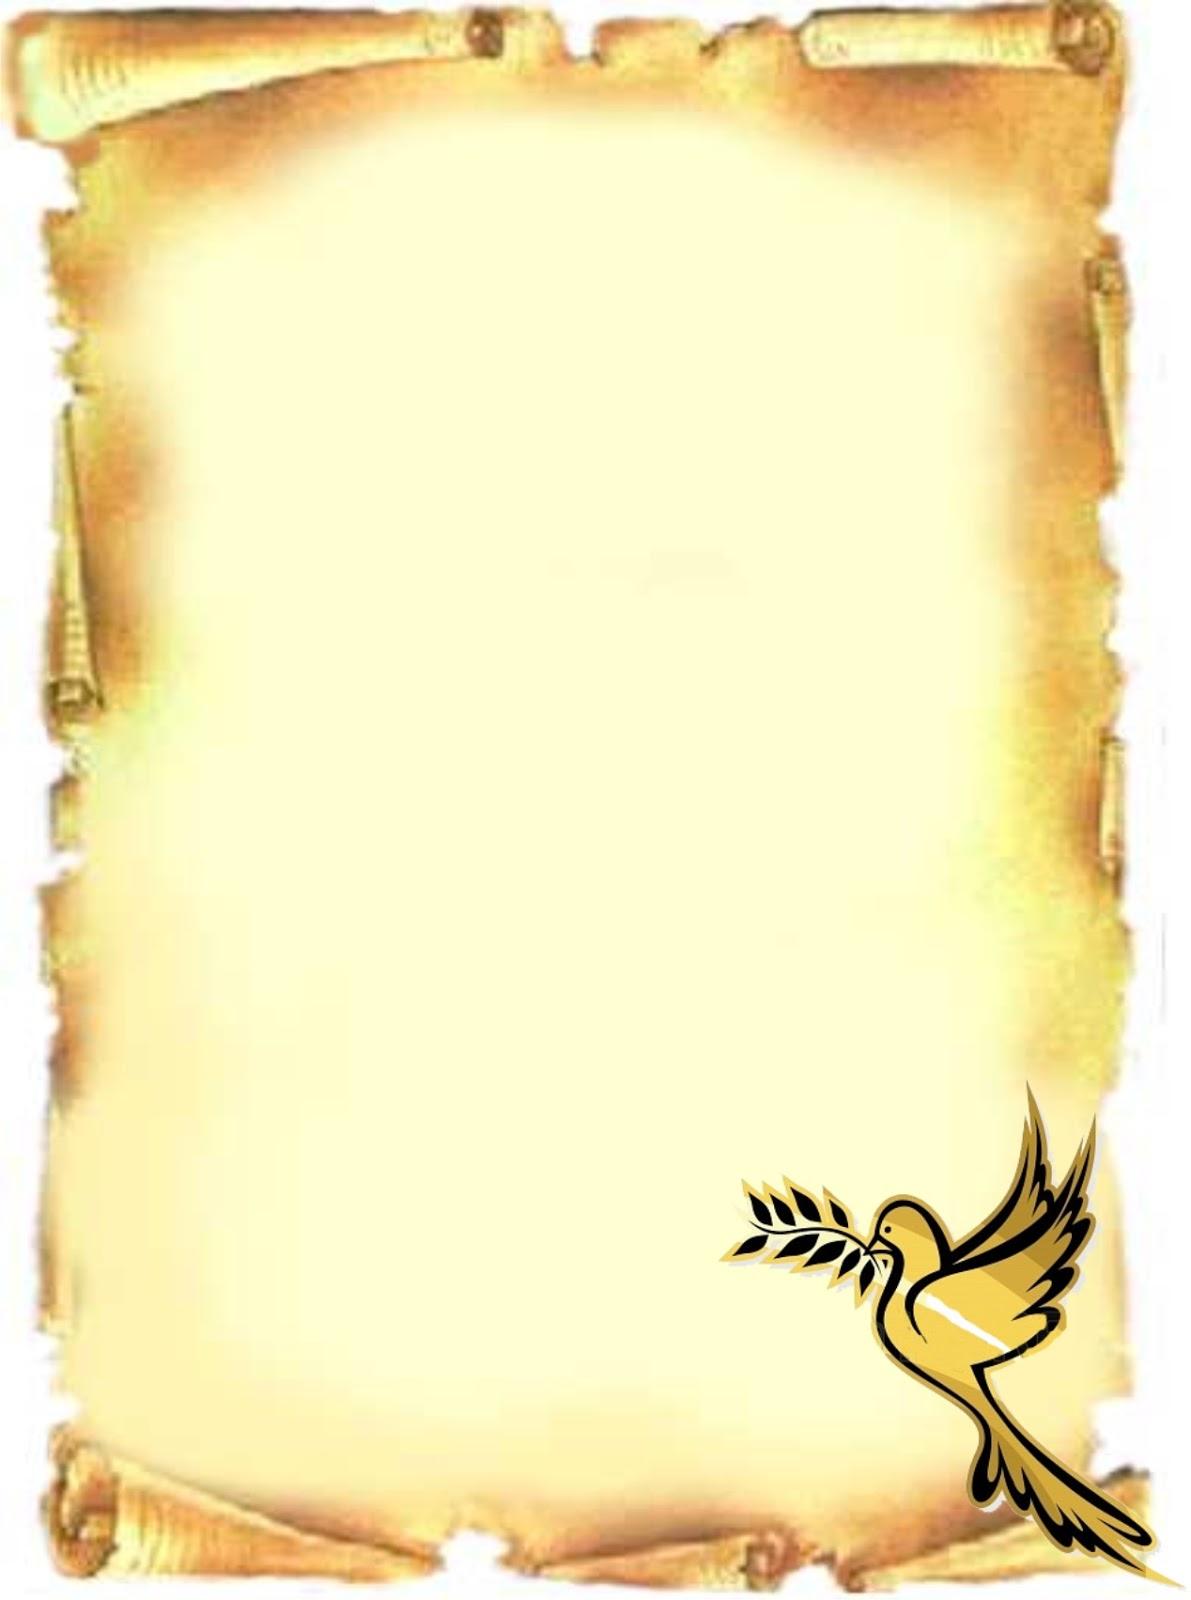 Pergamino escolar - Imagui